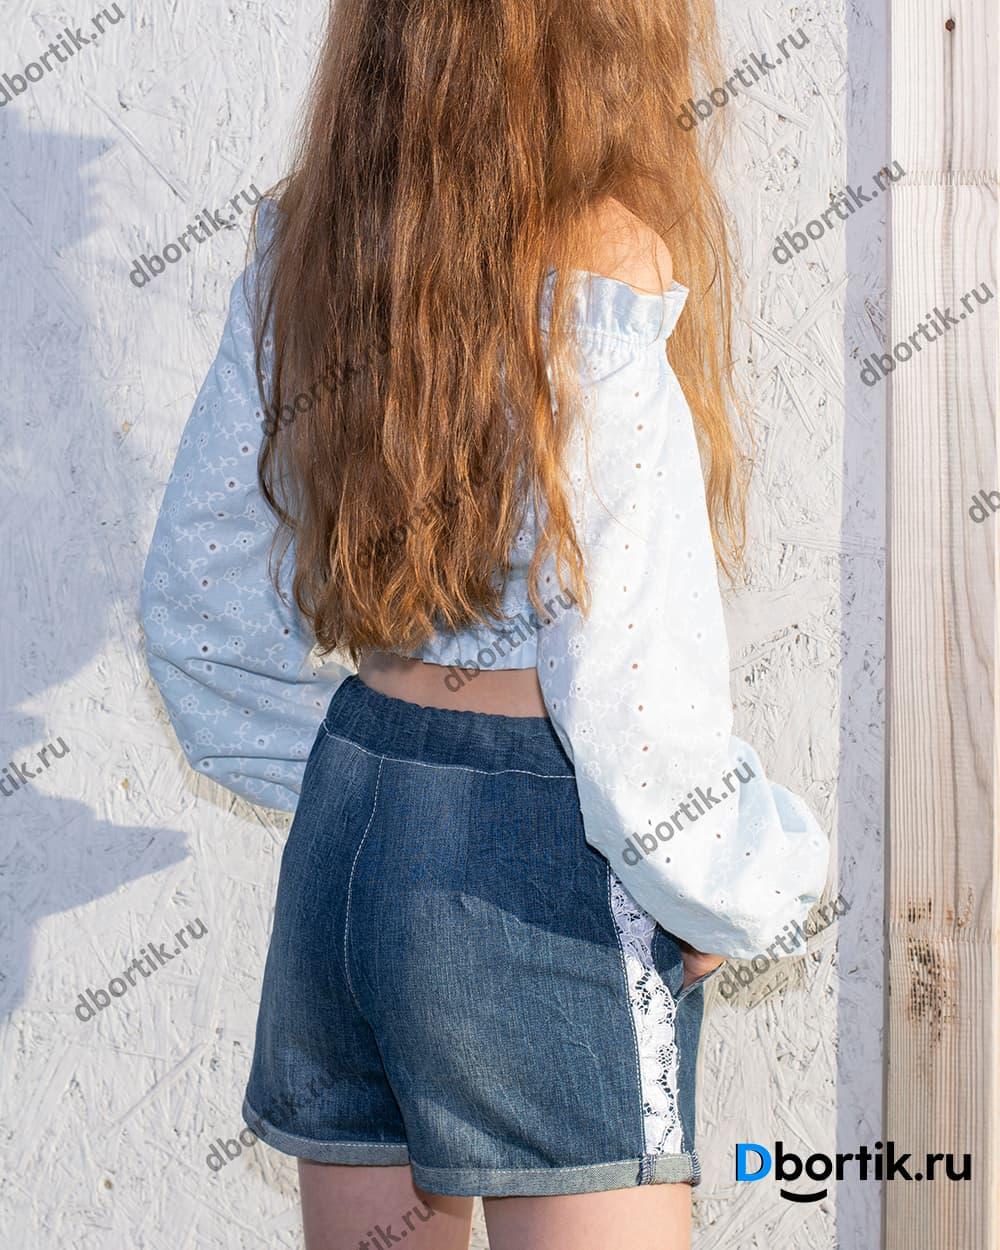 Шорты на девочку подростка в готовом виде после пошива. Вид сзади.